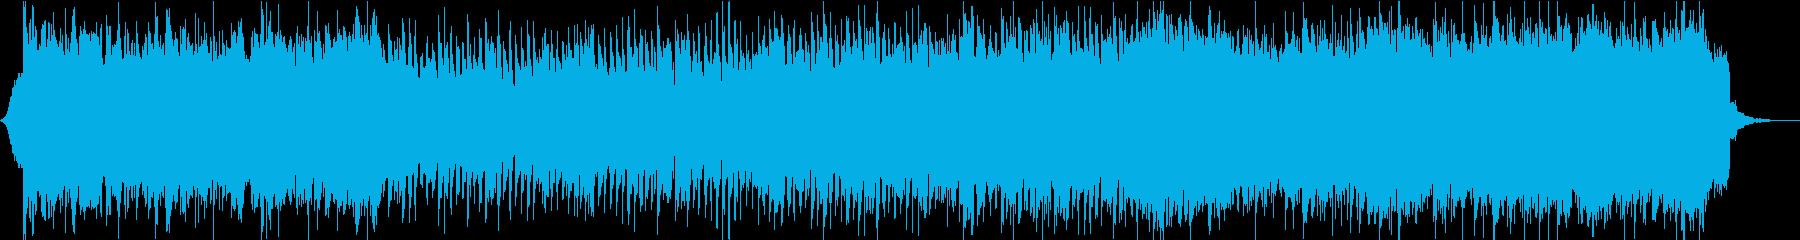 元気で勢いのあるキャッチーなロックの再生済みの波形